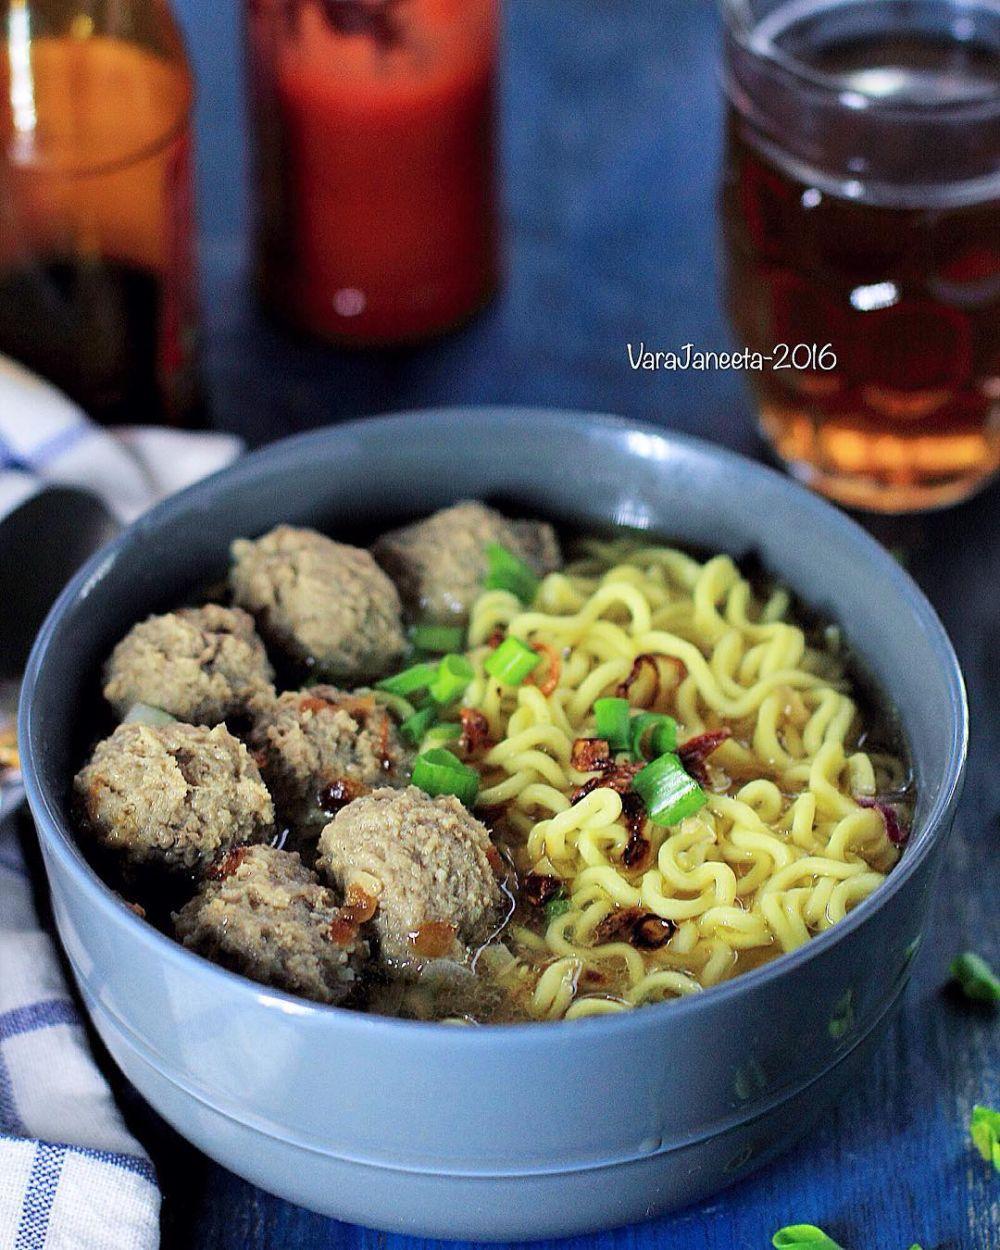 Resep menu lebaran tanpa santan enak ©berbagai sumber